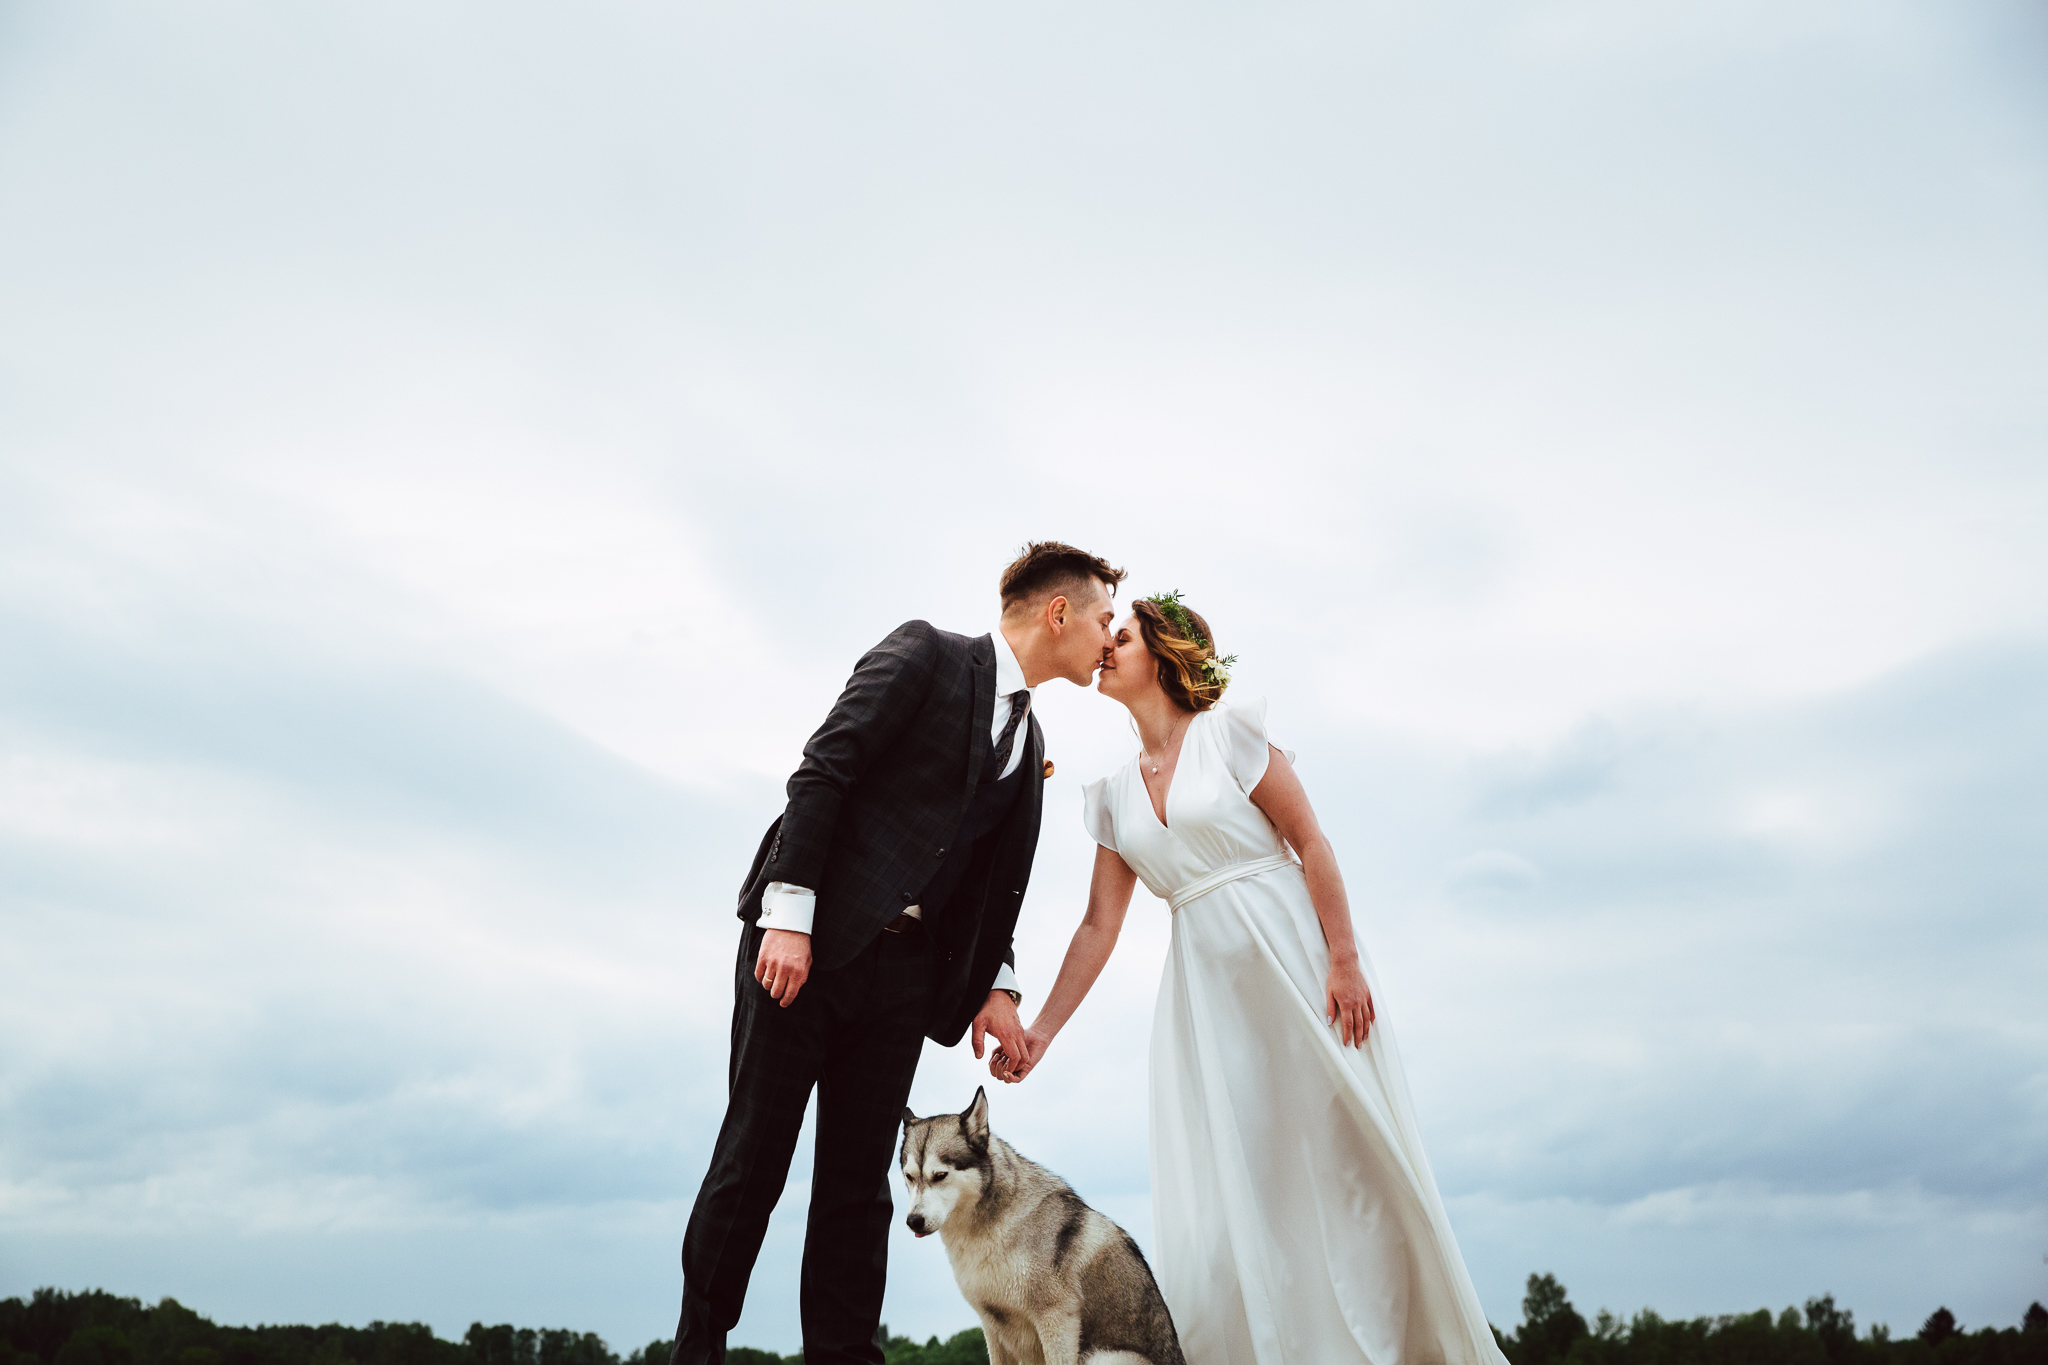 niekonwencjonalny kadr, zdjęcia z pasją i plener z psem